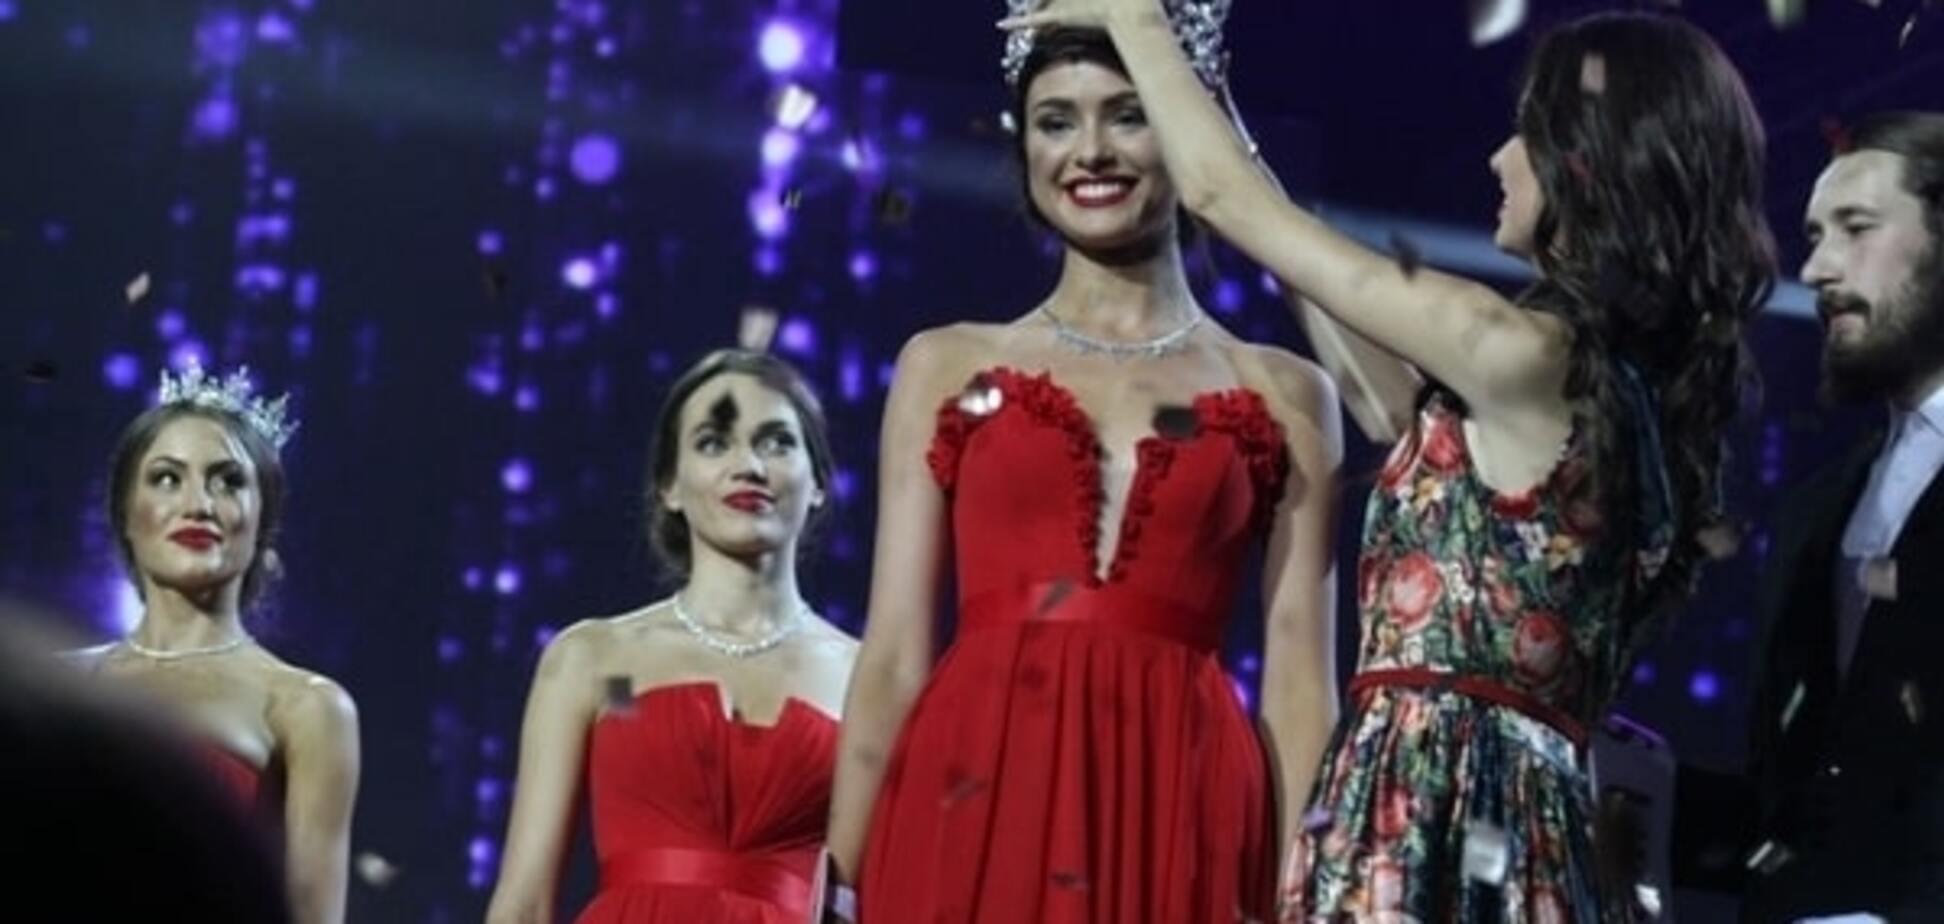 Как короновали 'Мисс Украину-2015': VIP-гости, яркое шоу Огневич и глава жюри в коротком мини